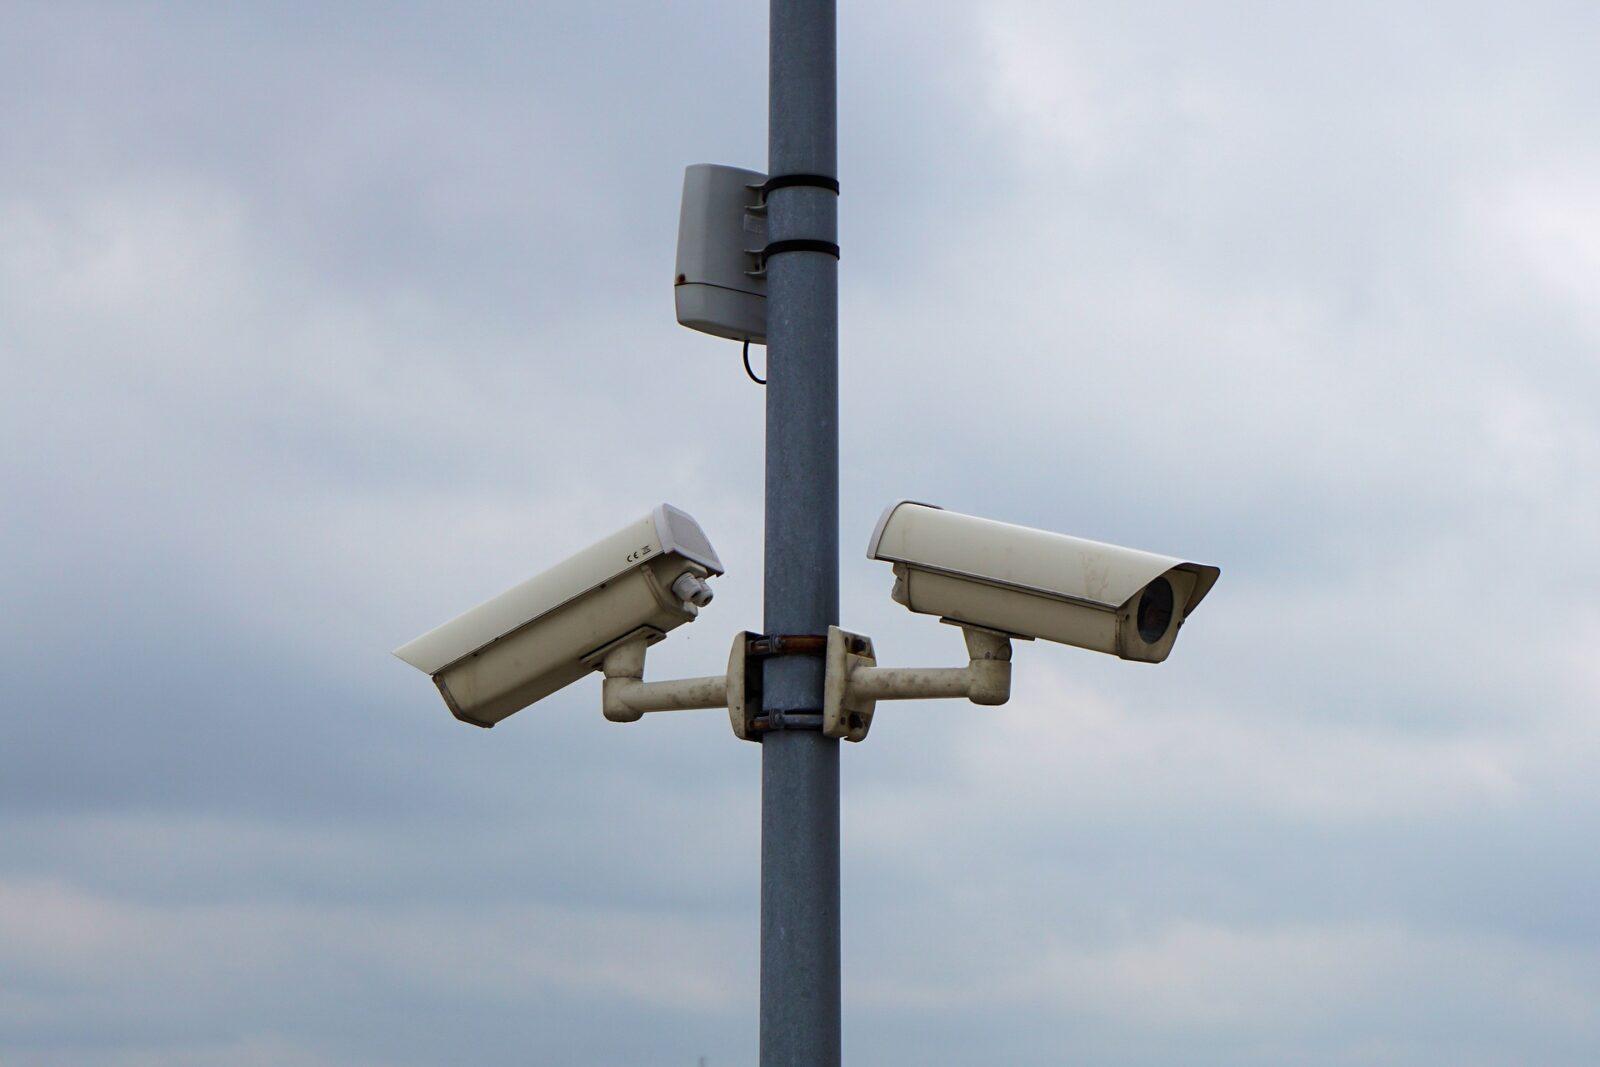 В Ферганской области людей без масок в общественных местах вычислят с помощью камер наблюдения